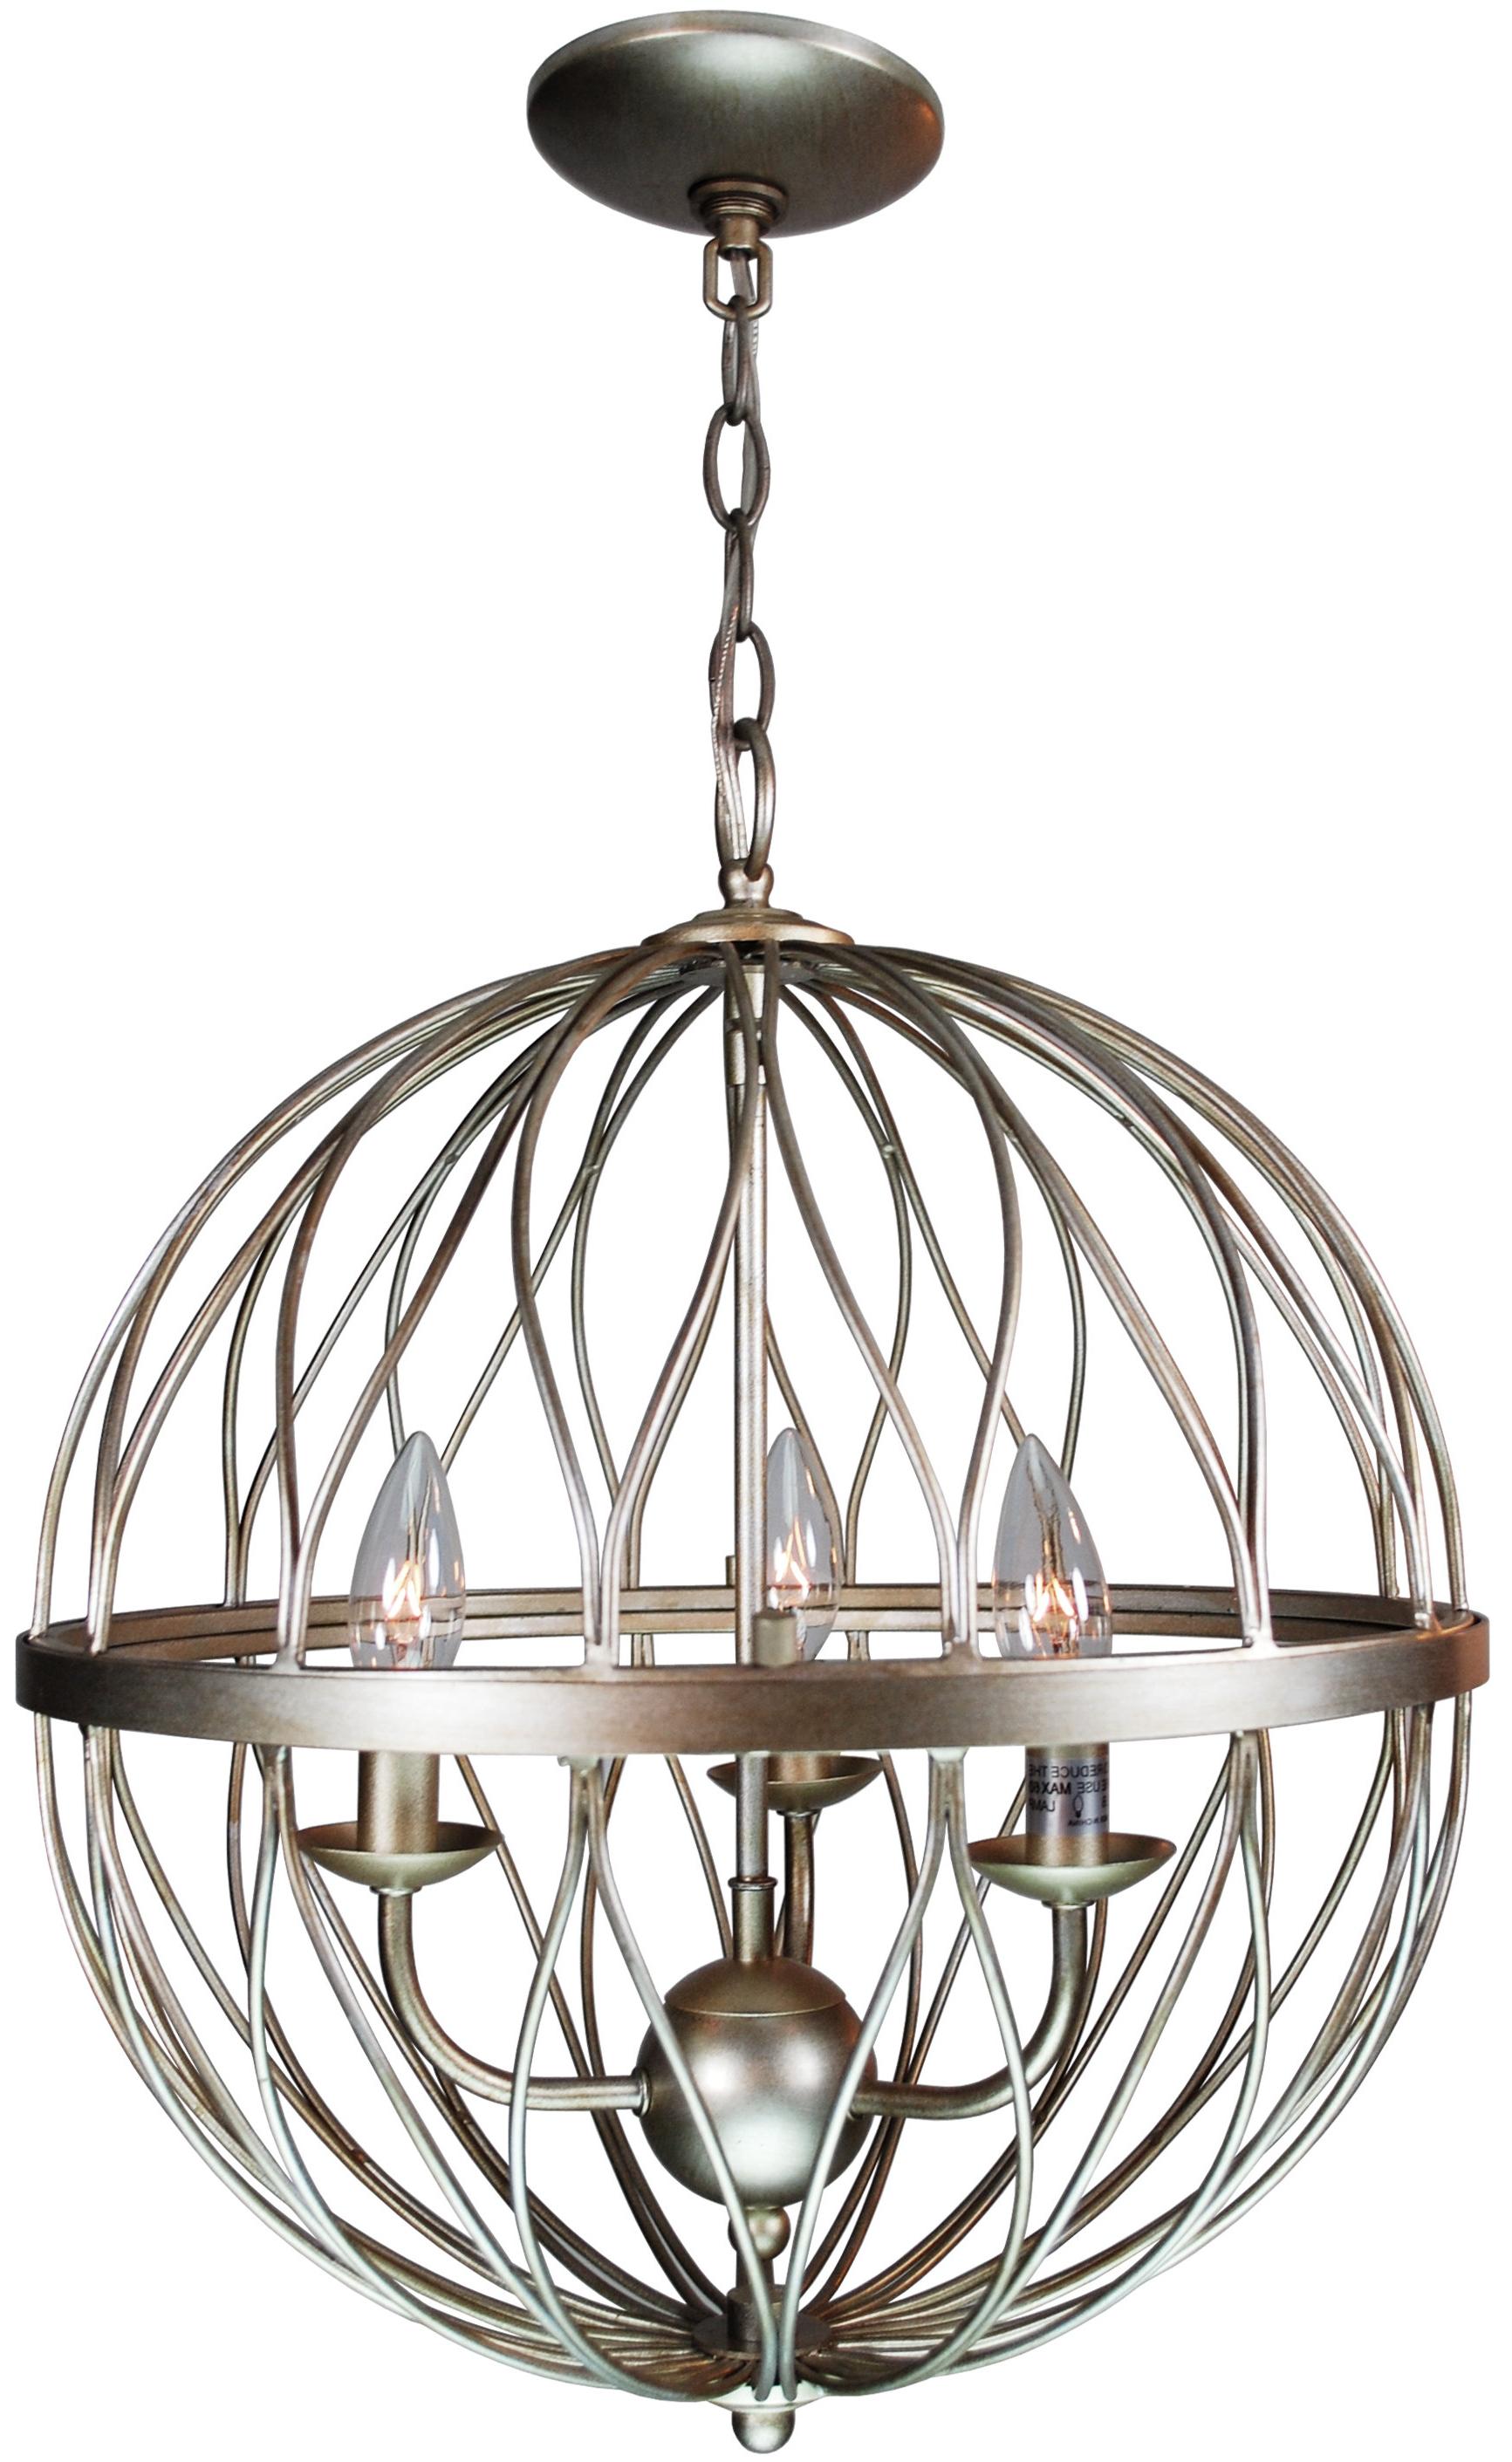 Brittain 3 Light Globe Chandelier In 2020 Shipststour 3 Light Globe Chandeliers (Gallery 3 of 20)